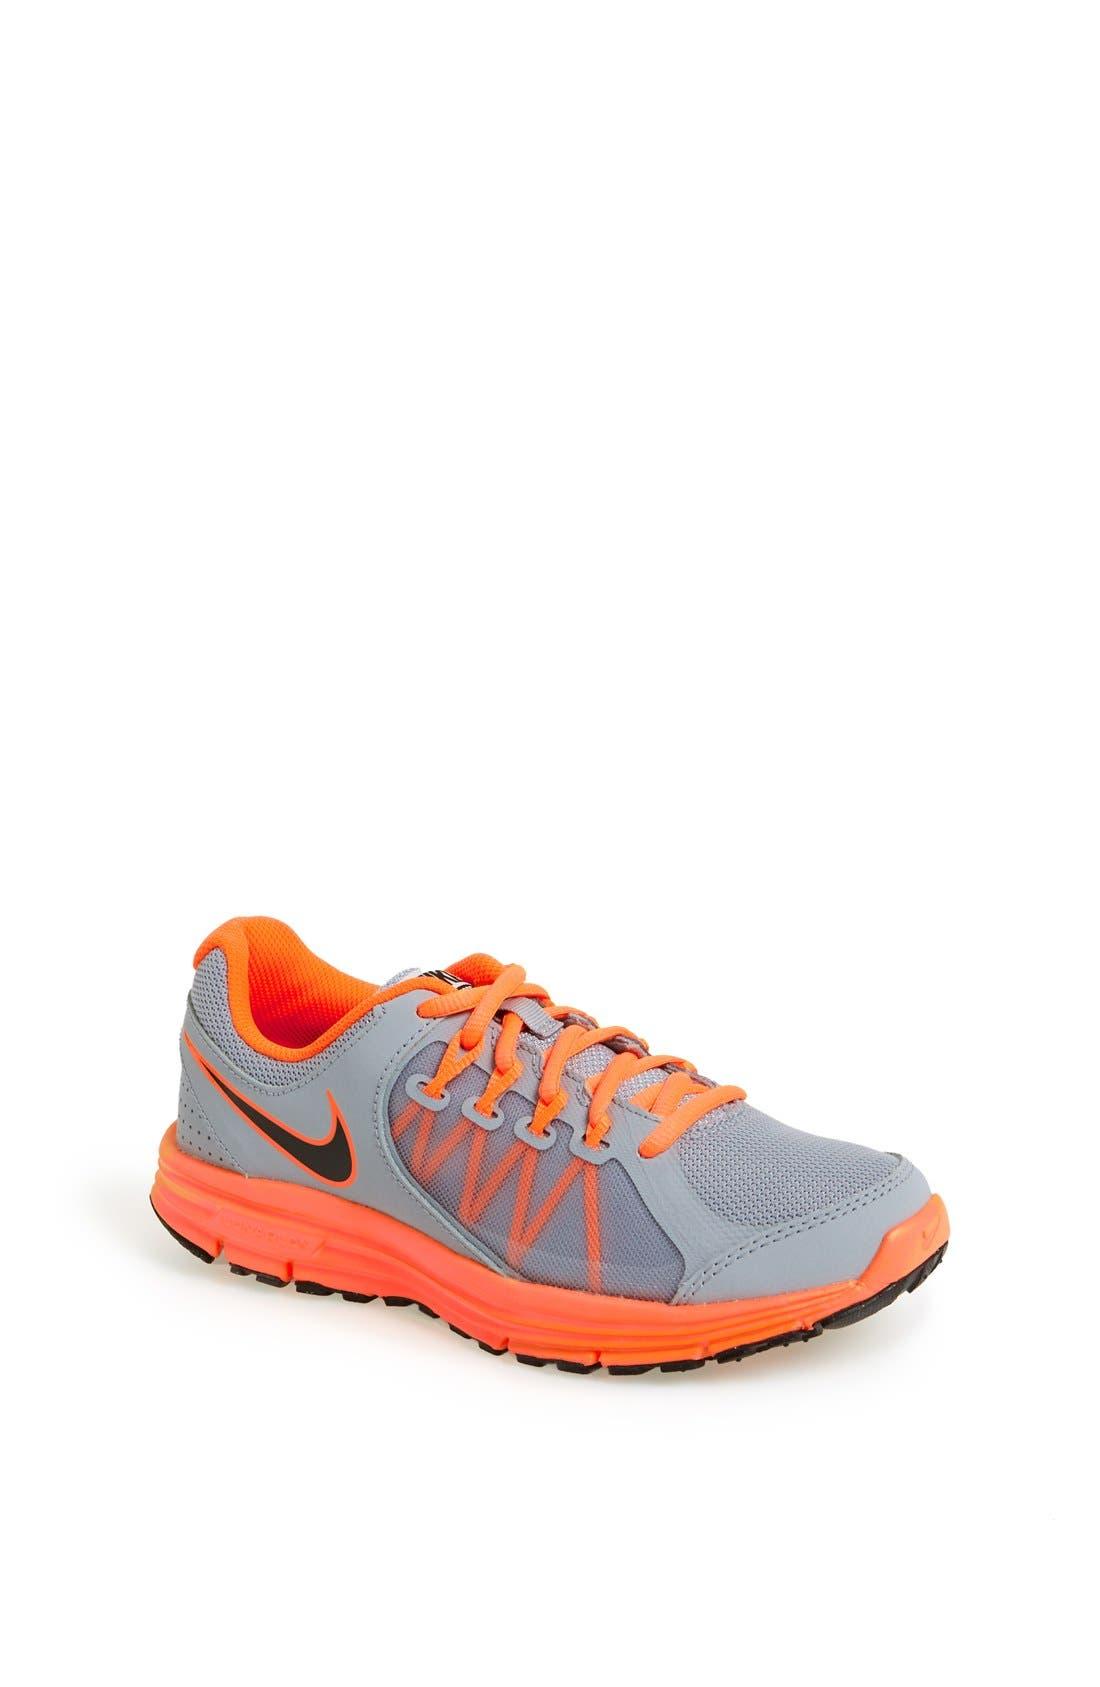 Womens Sb Portmore Vapor Shoe